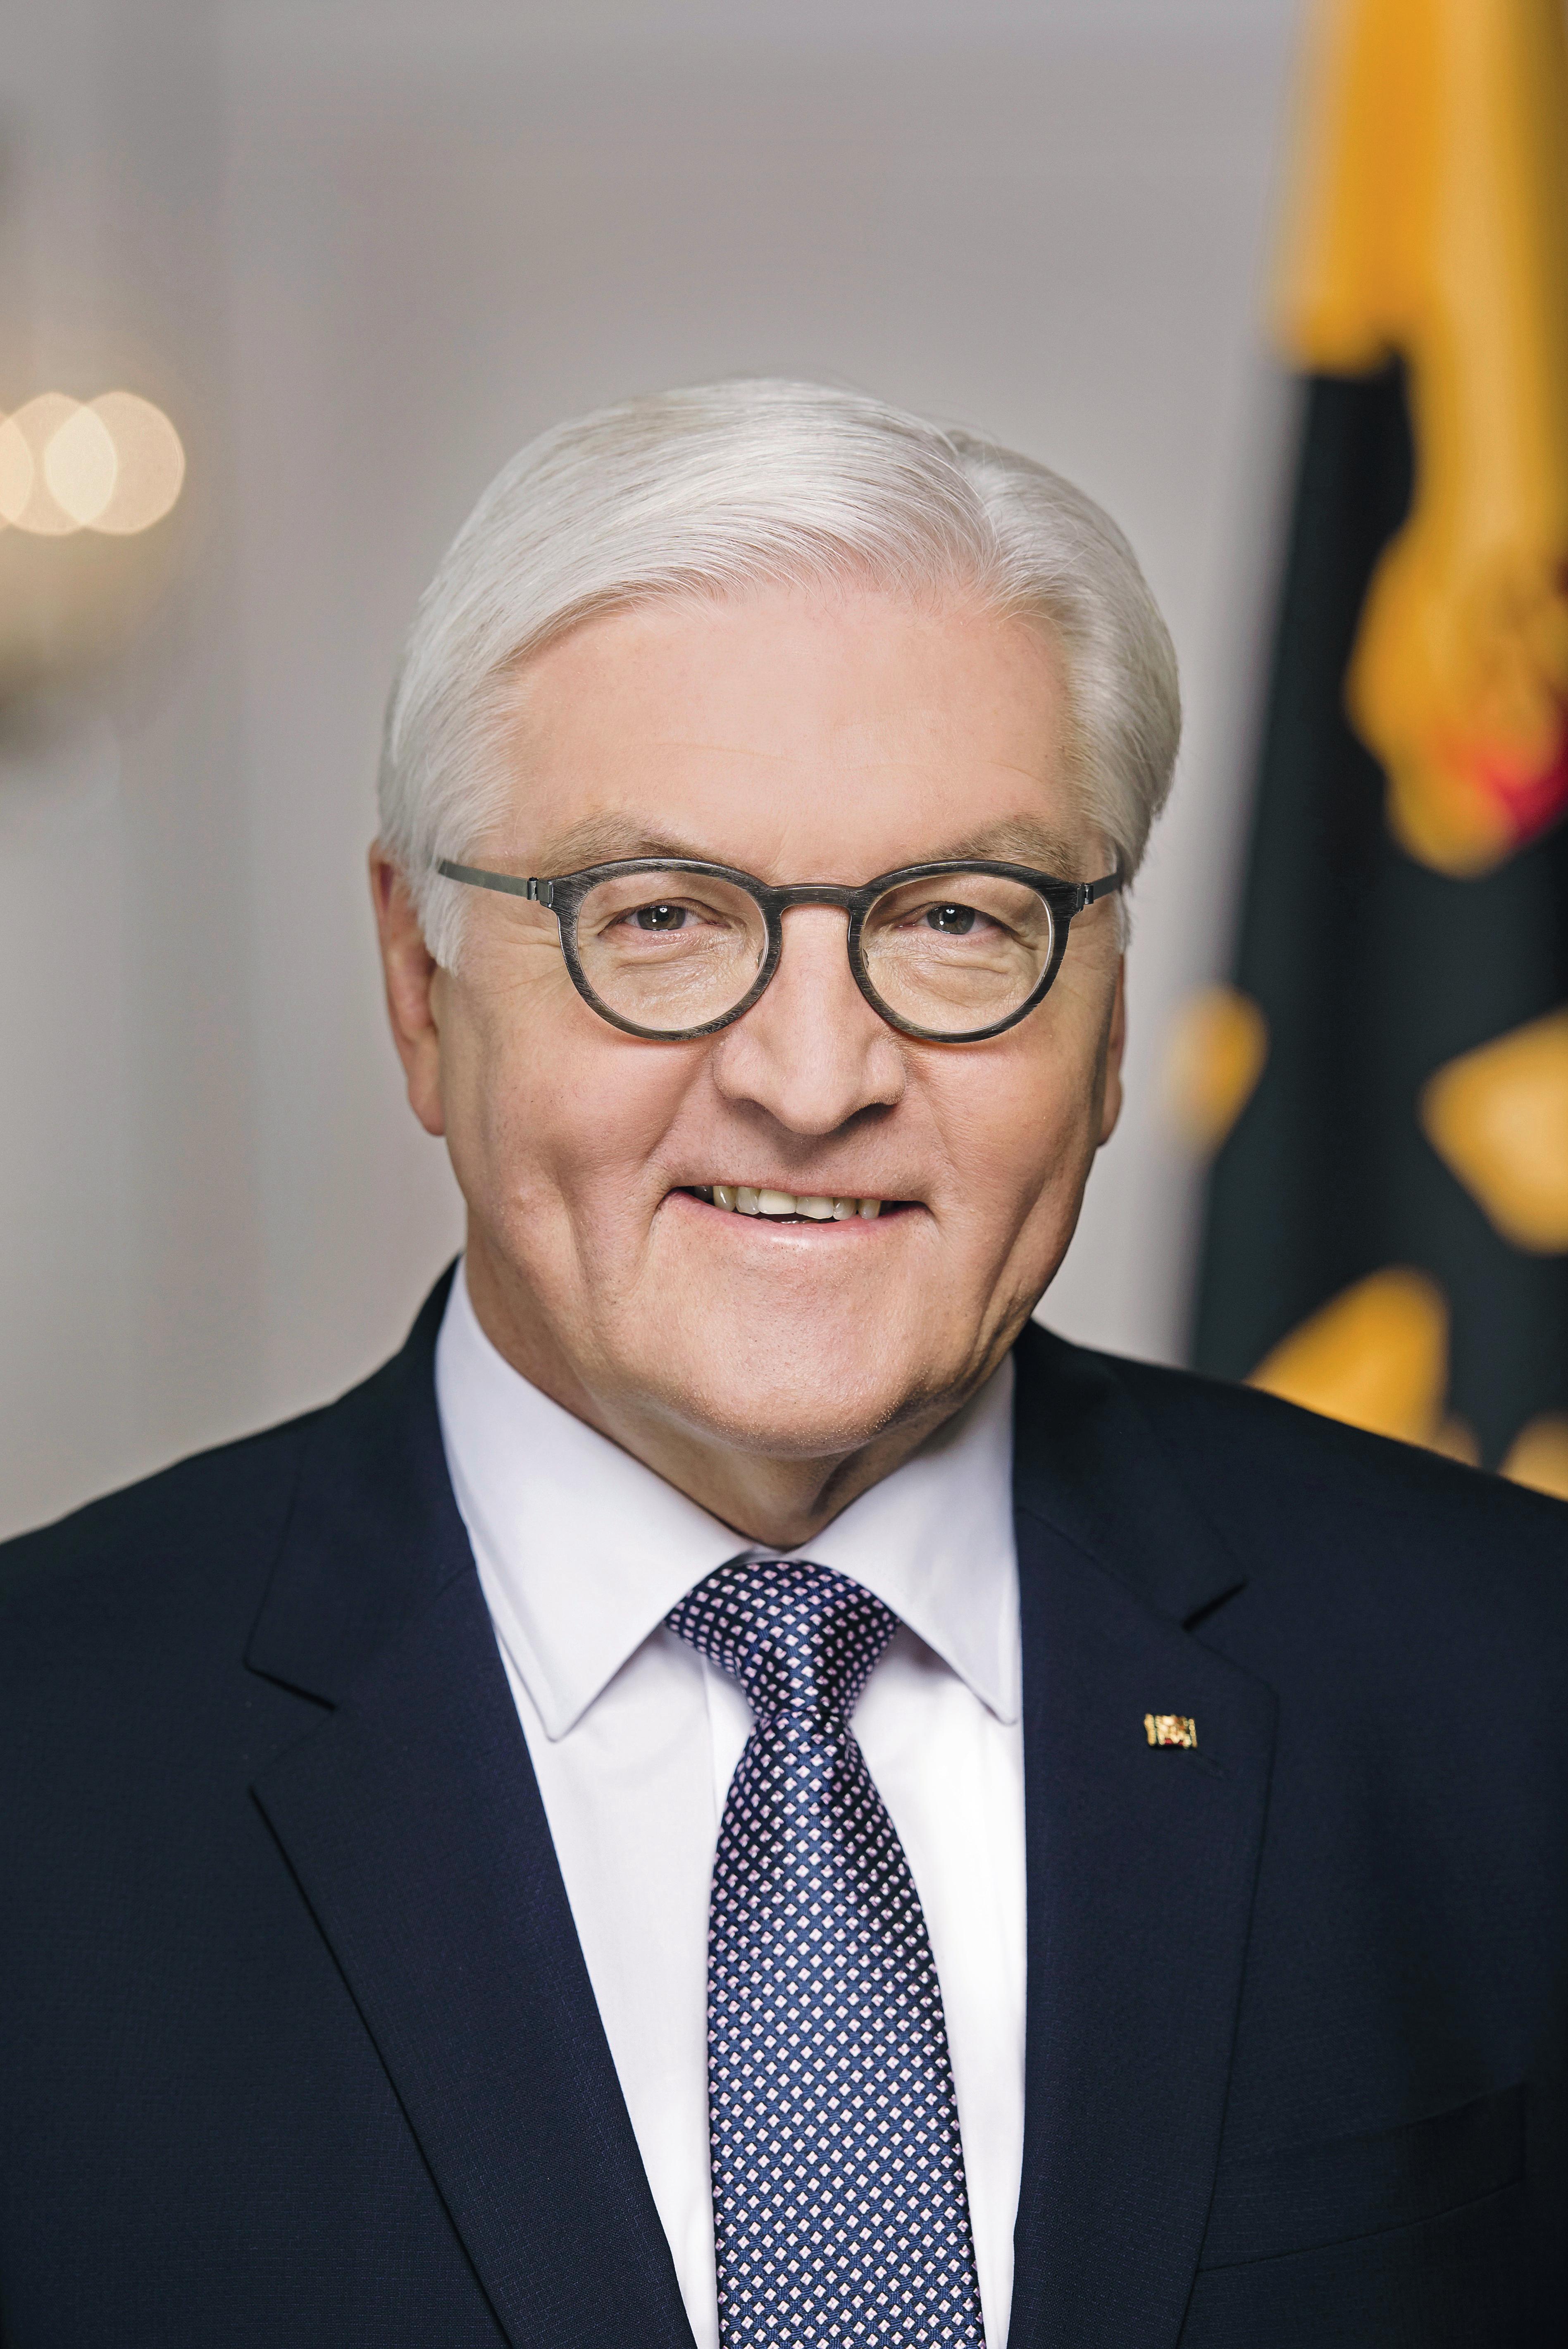 Foto: Bundesregierung | Steffen Kugler